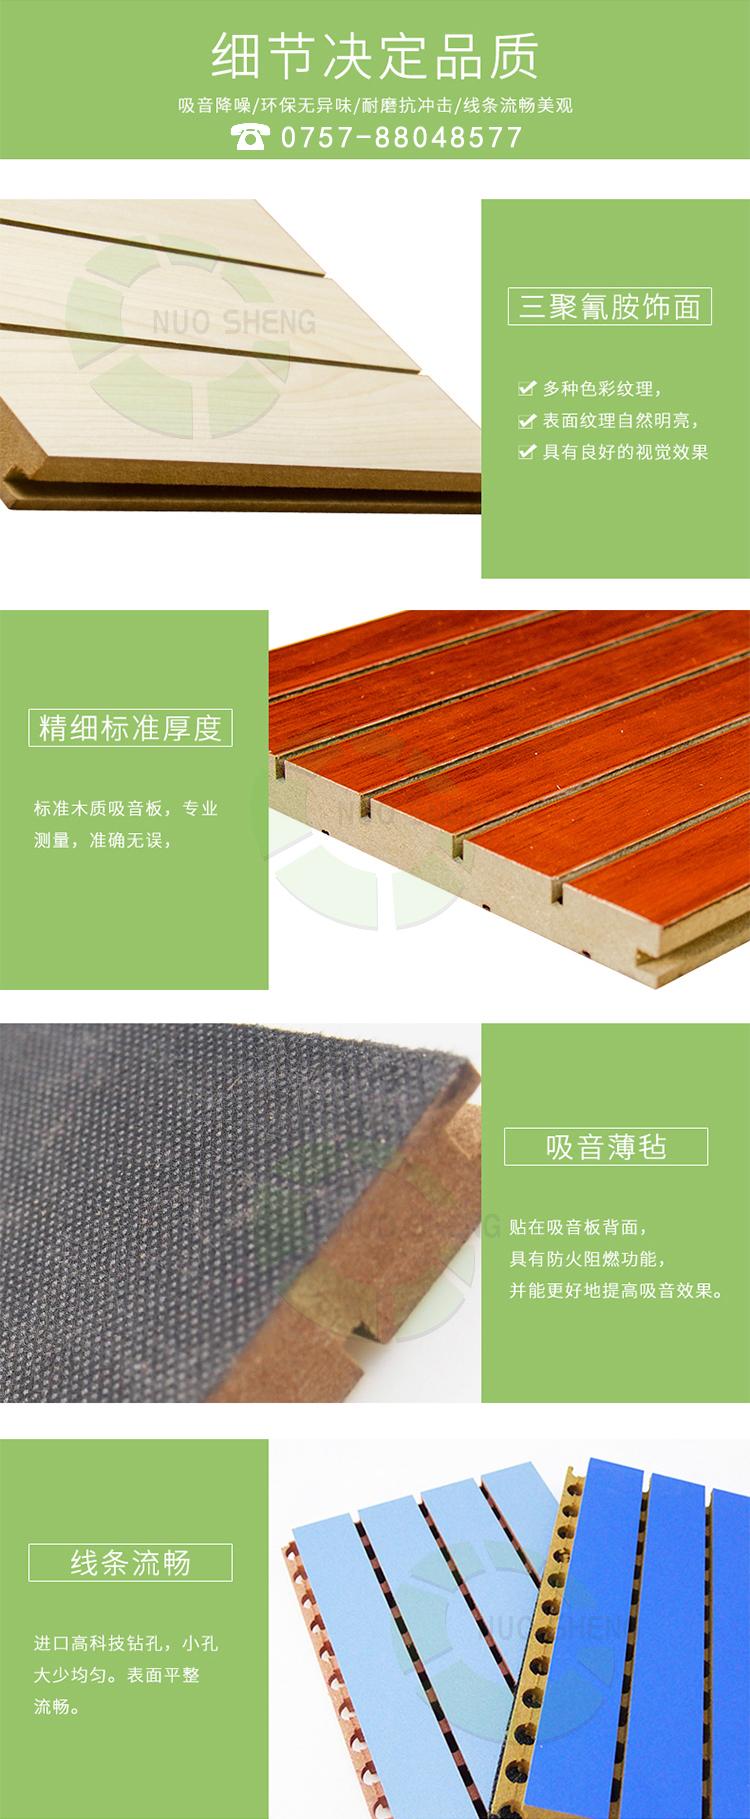 会议室槽木吸音板产品细节